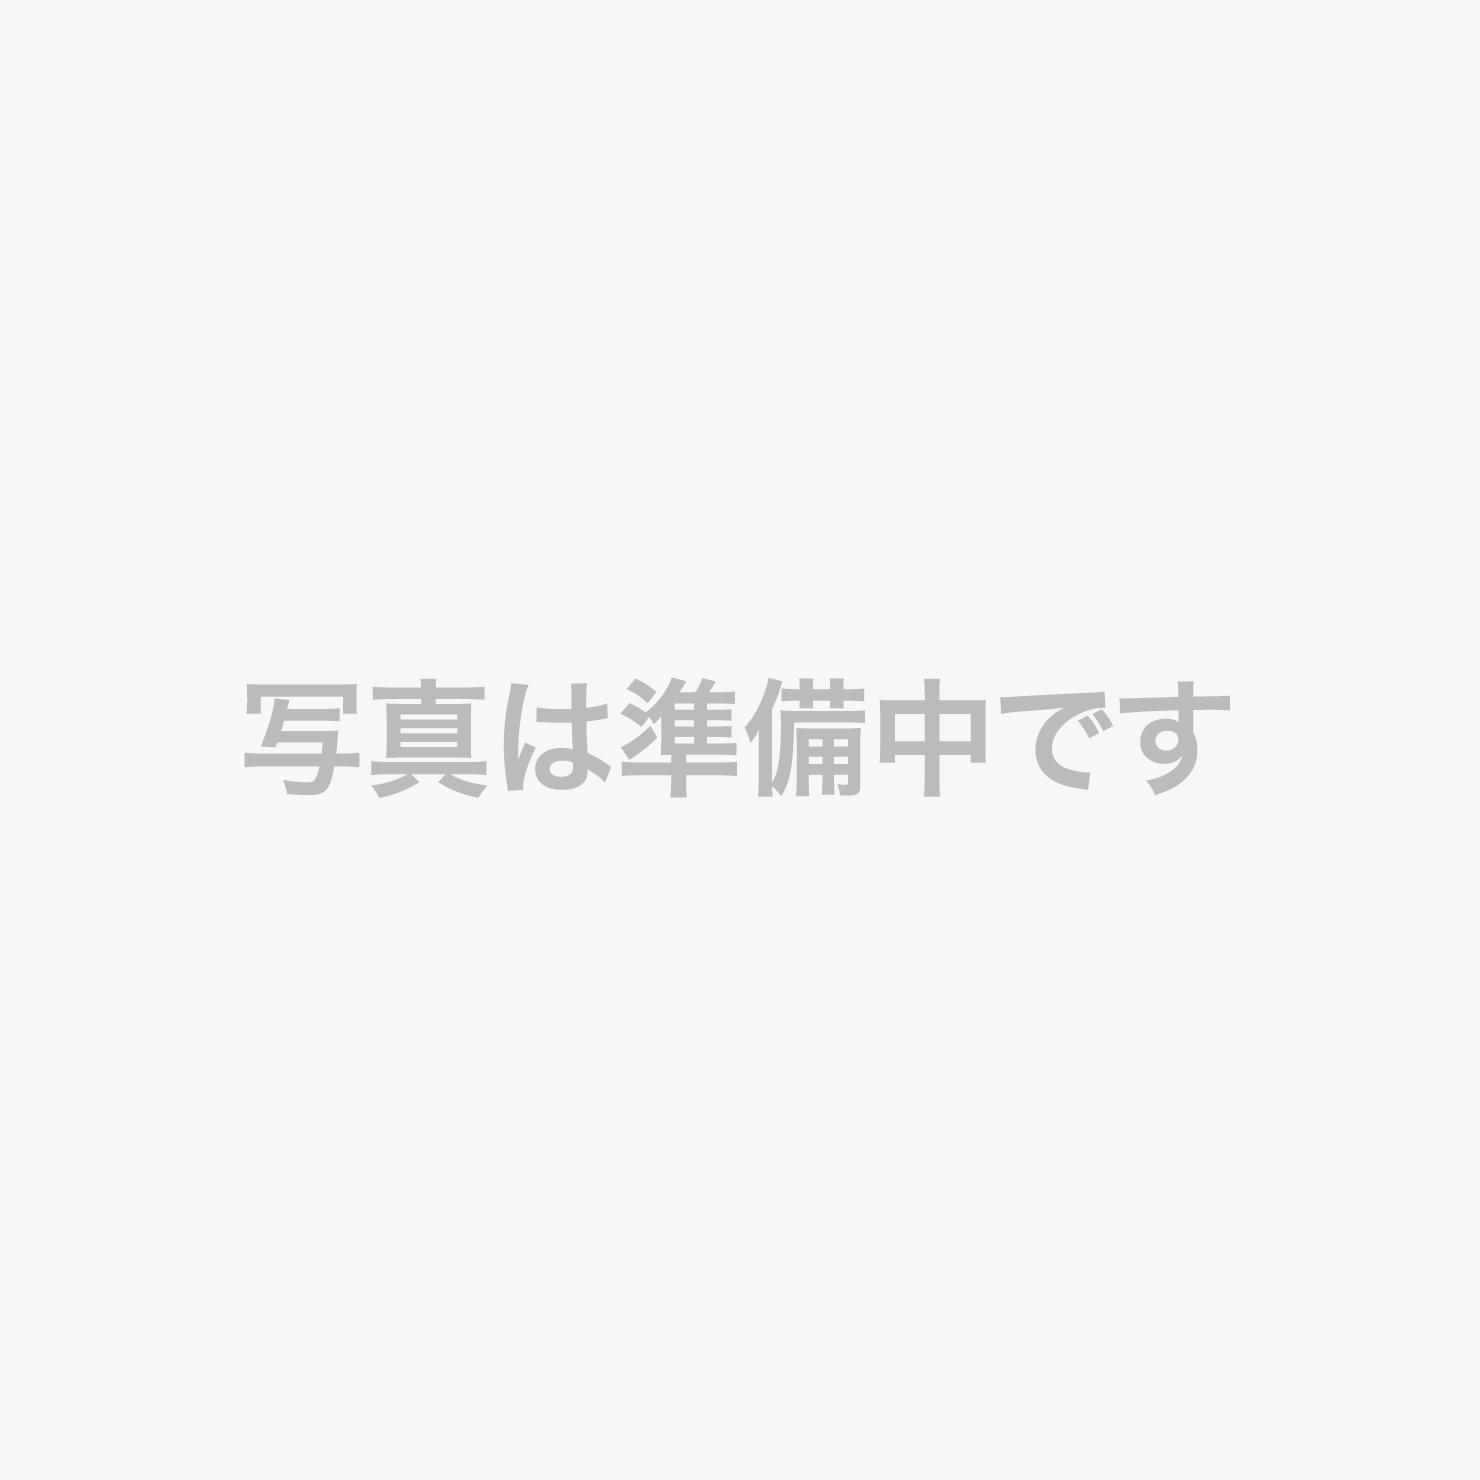 3月限定!アルメリア独自の打上げ花火&豪華ディナーバイキング